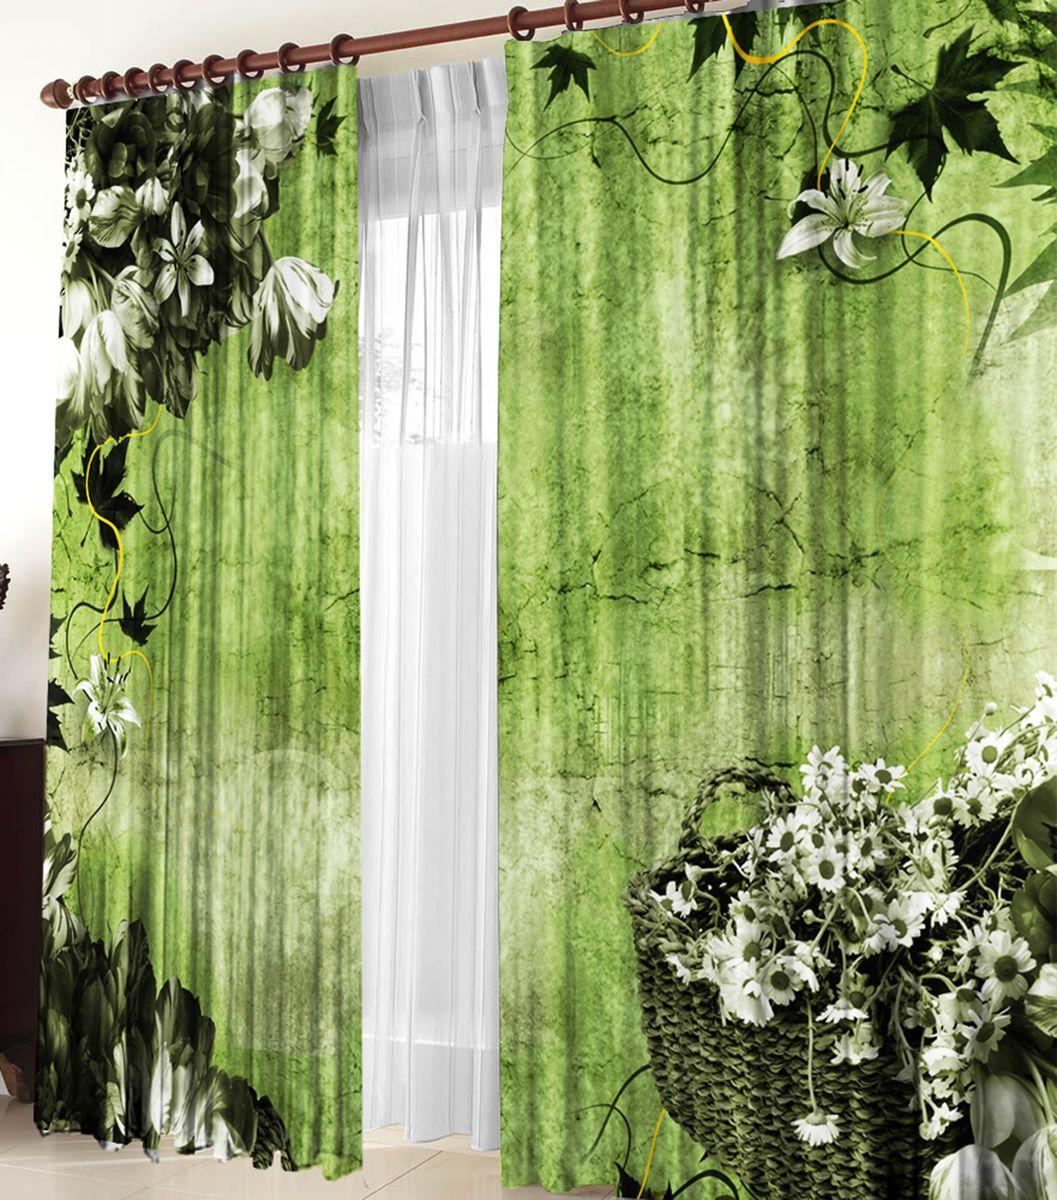 Комплект фотоштор Zlata Korunka Оливия, на ленте, высота 270 см21097Комплект фотоштор Zlata Korunka изготовлен из габардиновой ткани высочайшего качества. Фотошторы способны не пропускать самый яркий свет, их можно гладить и стирать. Рекомендации по уходу: бережная стирка при 30°С, деликатный отжим, отбеливание запрещено, гладить при температуре не более 150°С. Светопоглощение 70%. Плотность ткани: 150 г/м2. Оттенок изделия может отличаться от представленного на сайте в силу особенностей цветопередачи фототехники и вашего монитора.